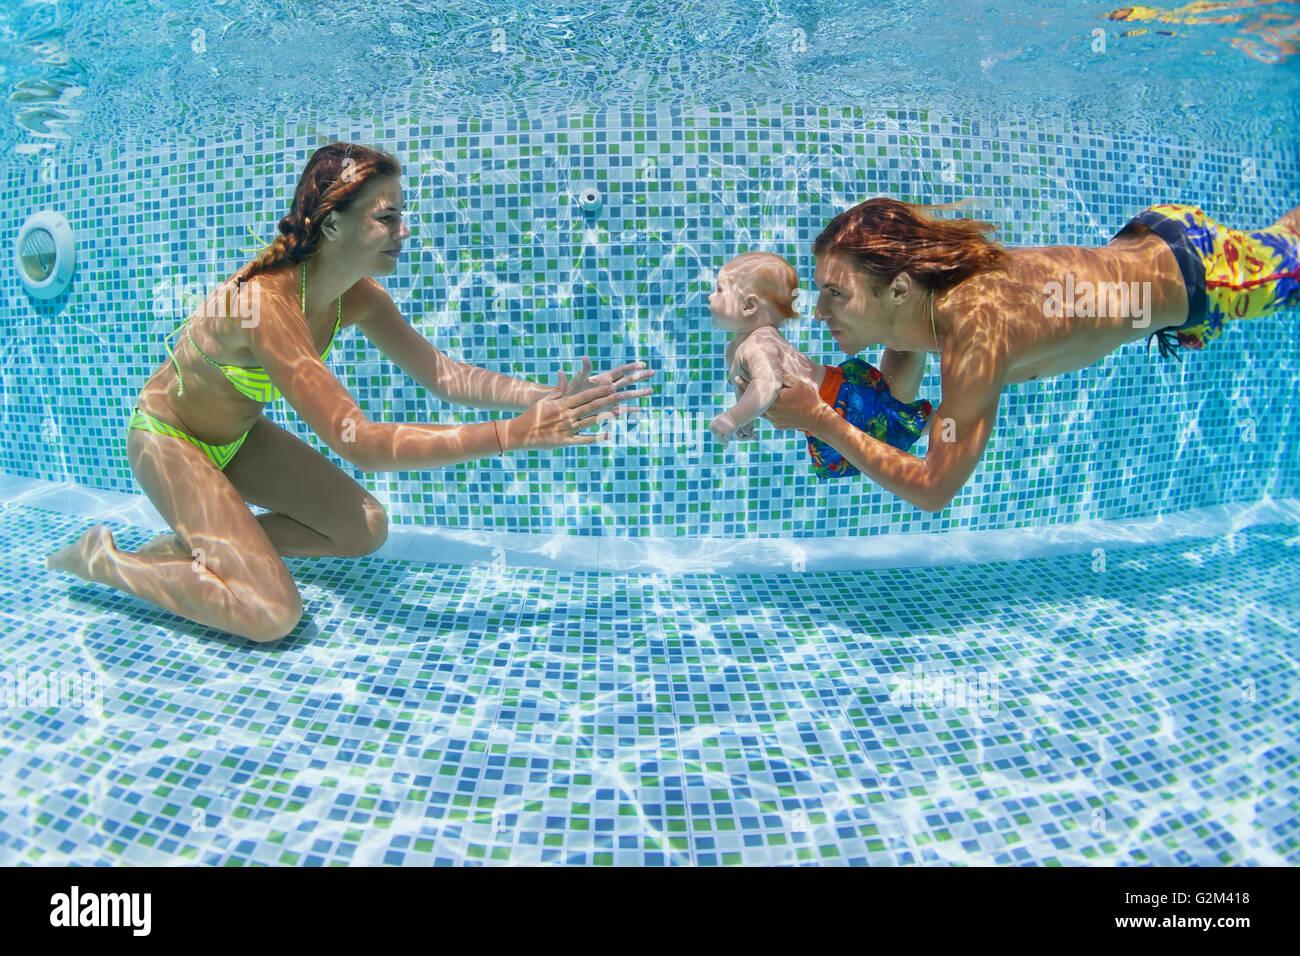 Kind schwimmen Lektion - Baby mit Mutter, Vater lernen, Schwimmen, Tauchen unter Wasser im Schwimmbad. Stockbild